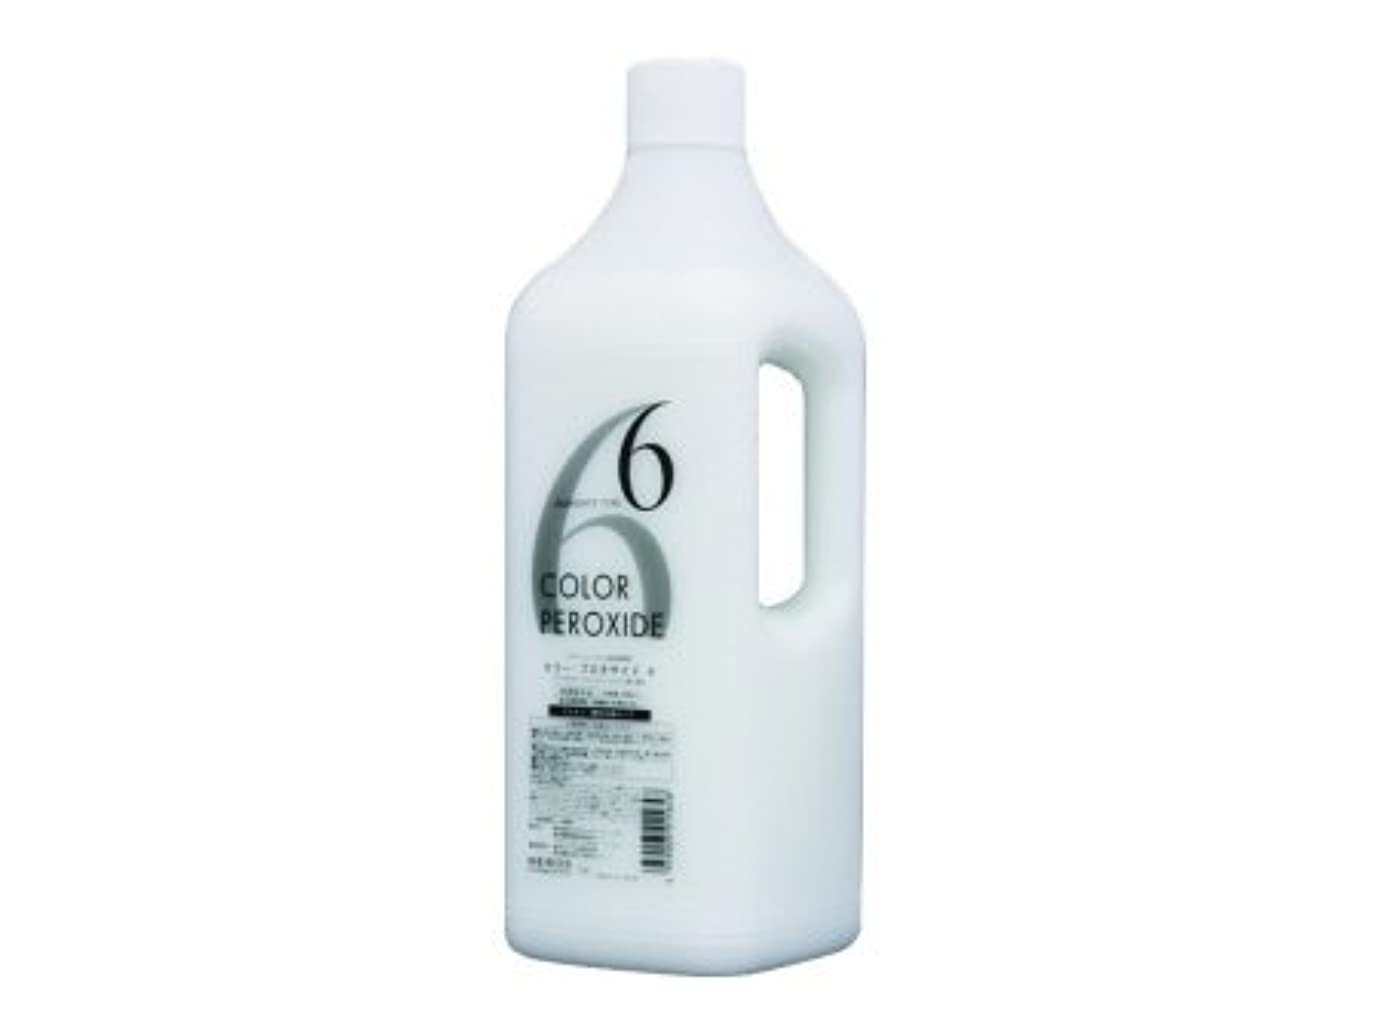 しつけナイロン絶縁するメロスコスメティックス ヘアカラーファンデーション プロキサイド?ヘアカラー用2剤 6% 2000ml